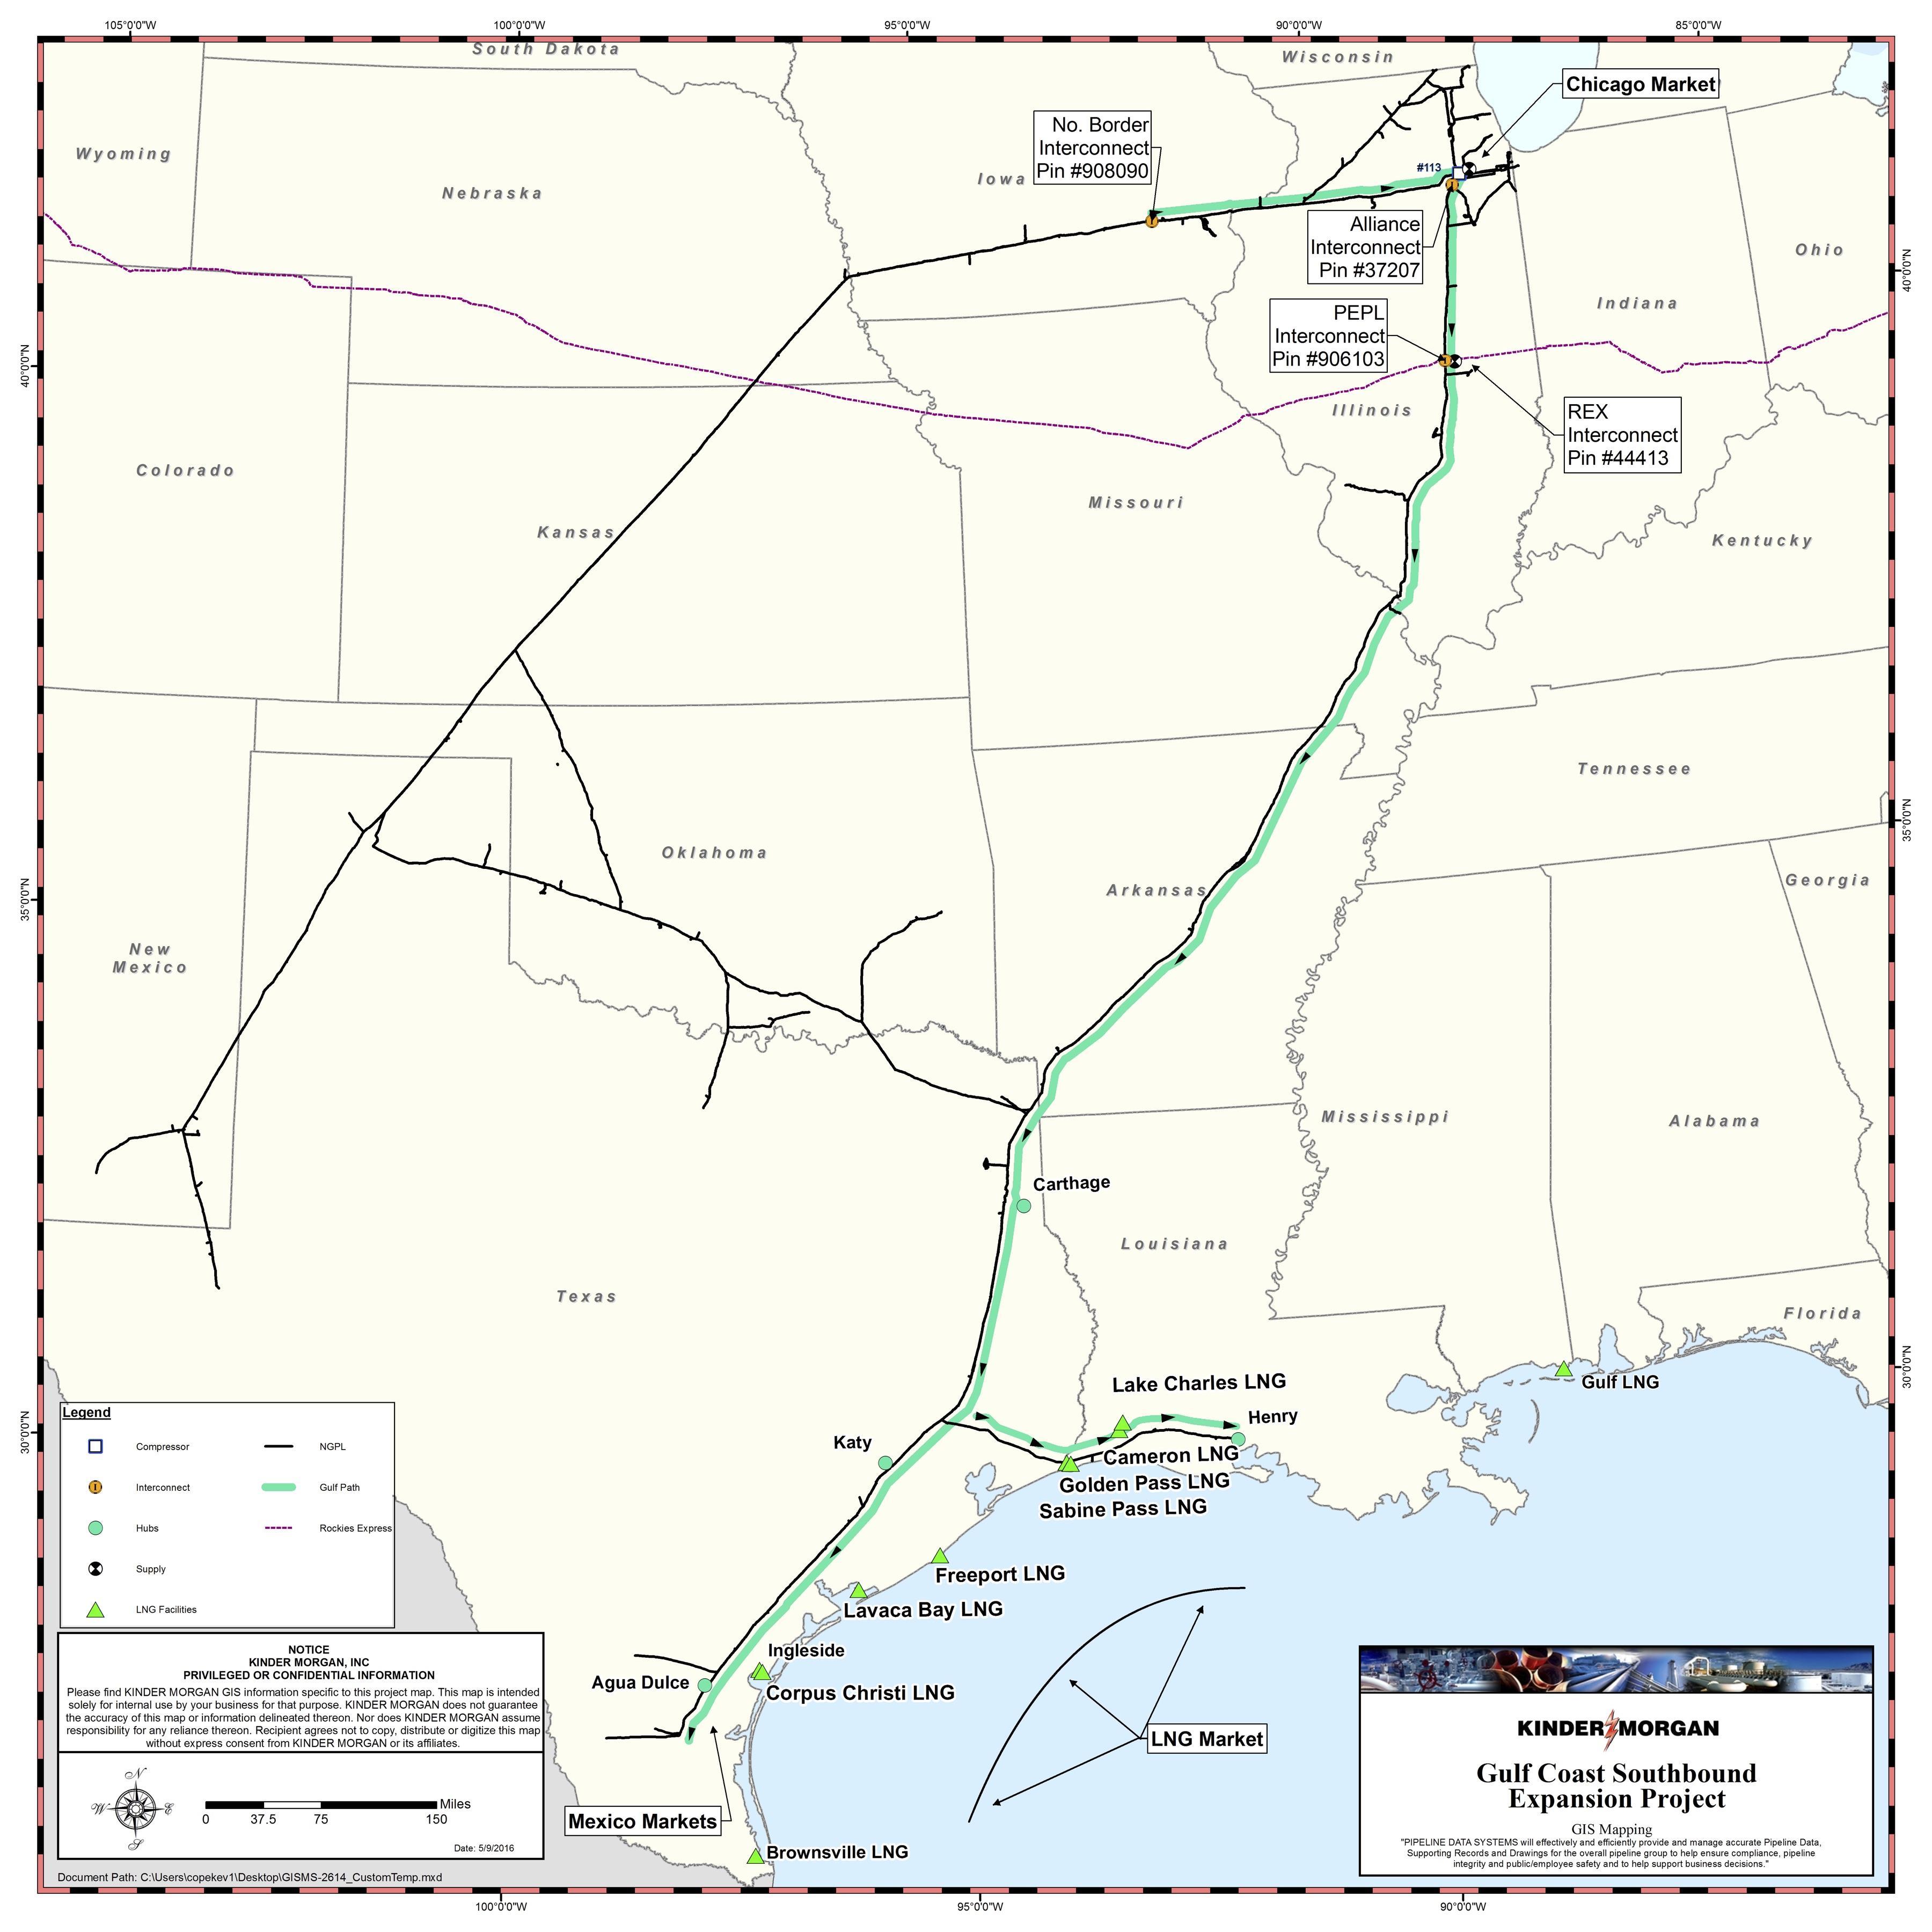 نقشه پروژه توسعه NGPL Gulf Coast Southbound (منبع: Kinder Morgan Inc.)